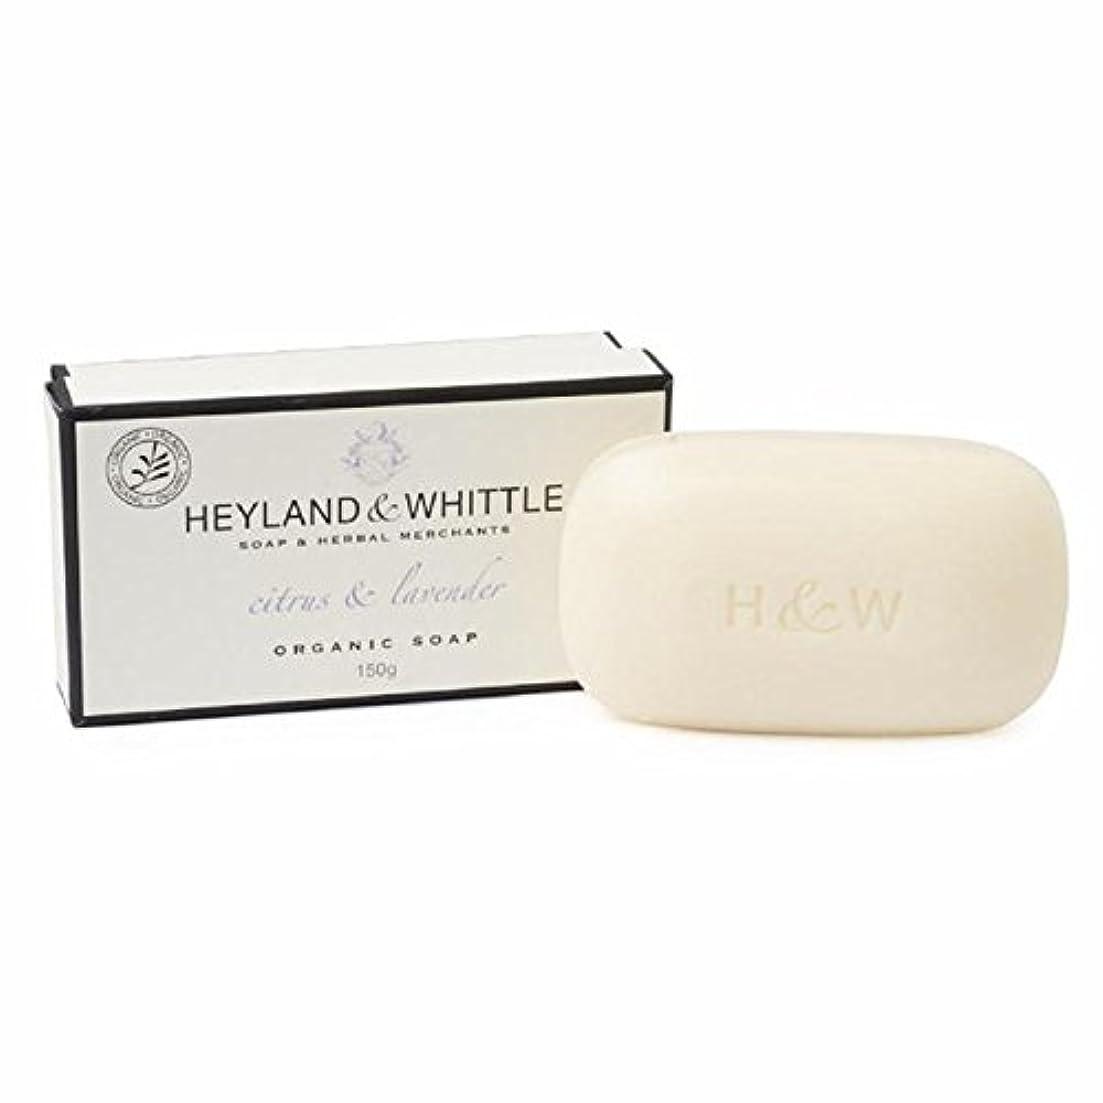 韻天才視力Heyland & Whittle Citrus & Lavender Boxed Organic Soap 150g - &削るシトラス&ラベンダーは、有機石鹸150グラム箱入り [並行輸入品]